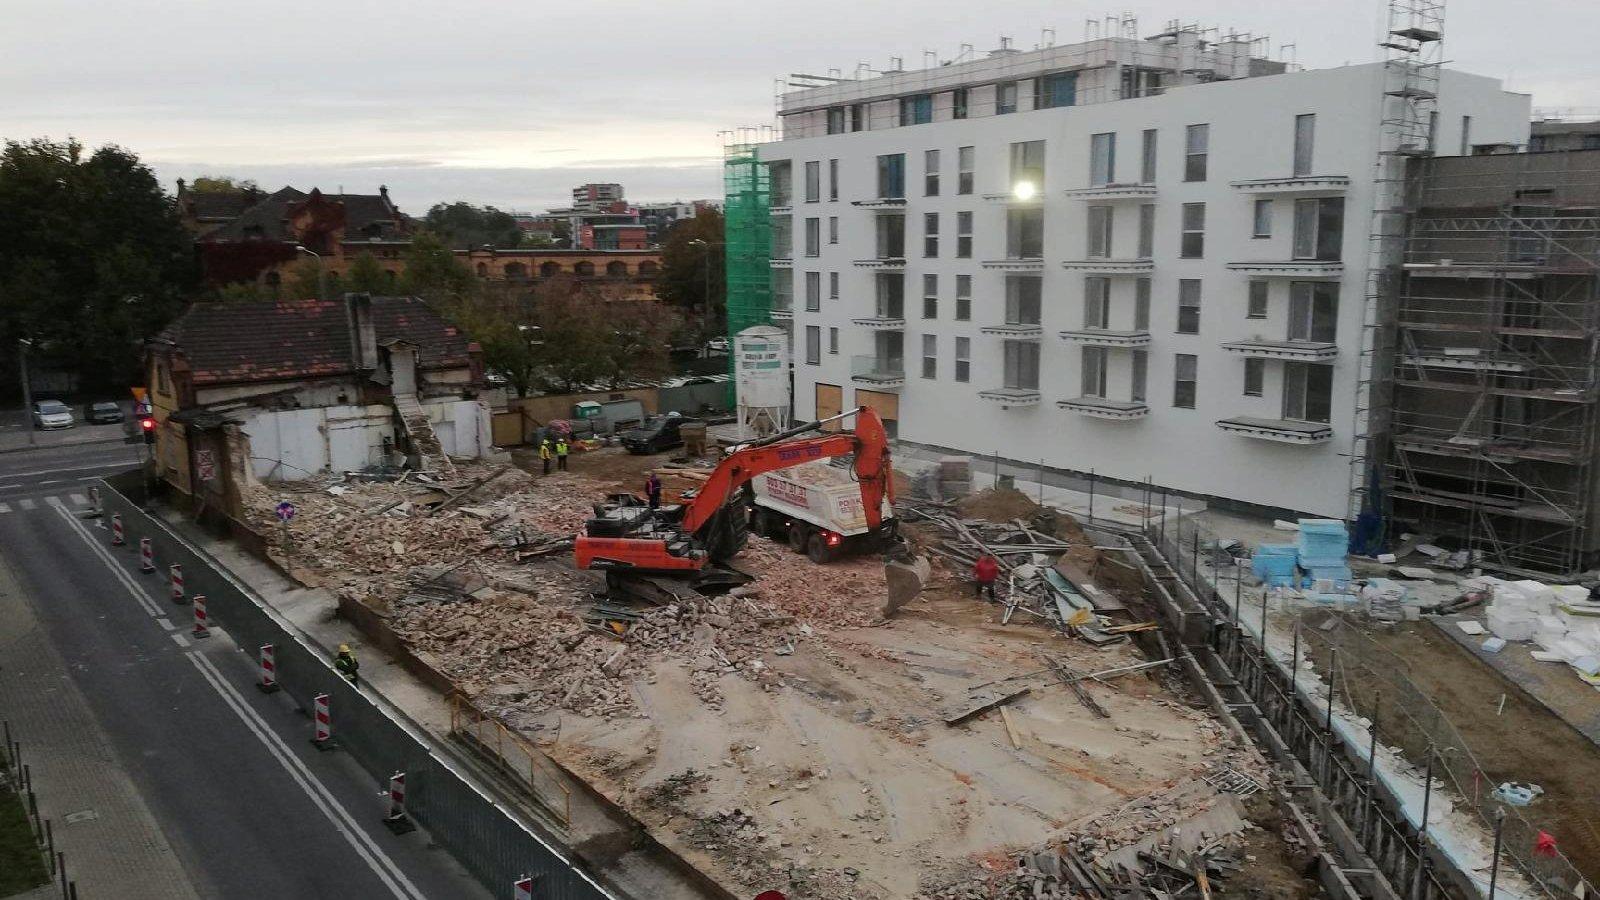 Zdjęcie przedstawia plac budowy. Widać na nim koparkę i pracowników budowlanych. - grafika artykułu